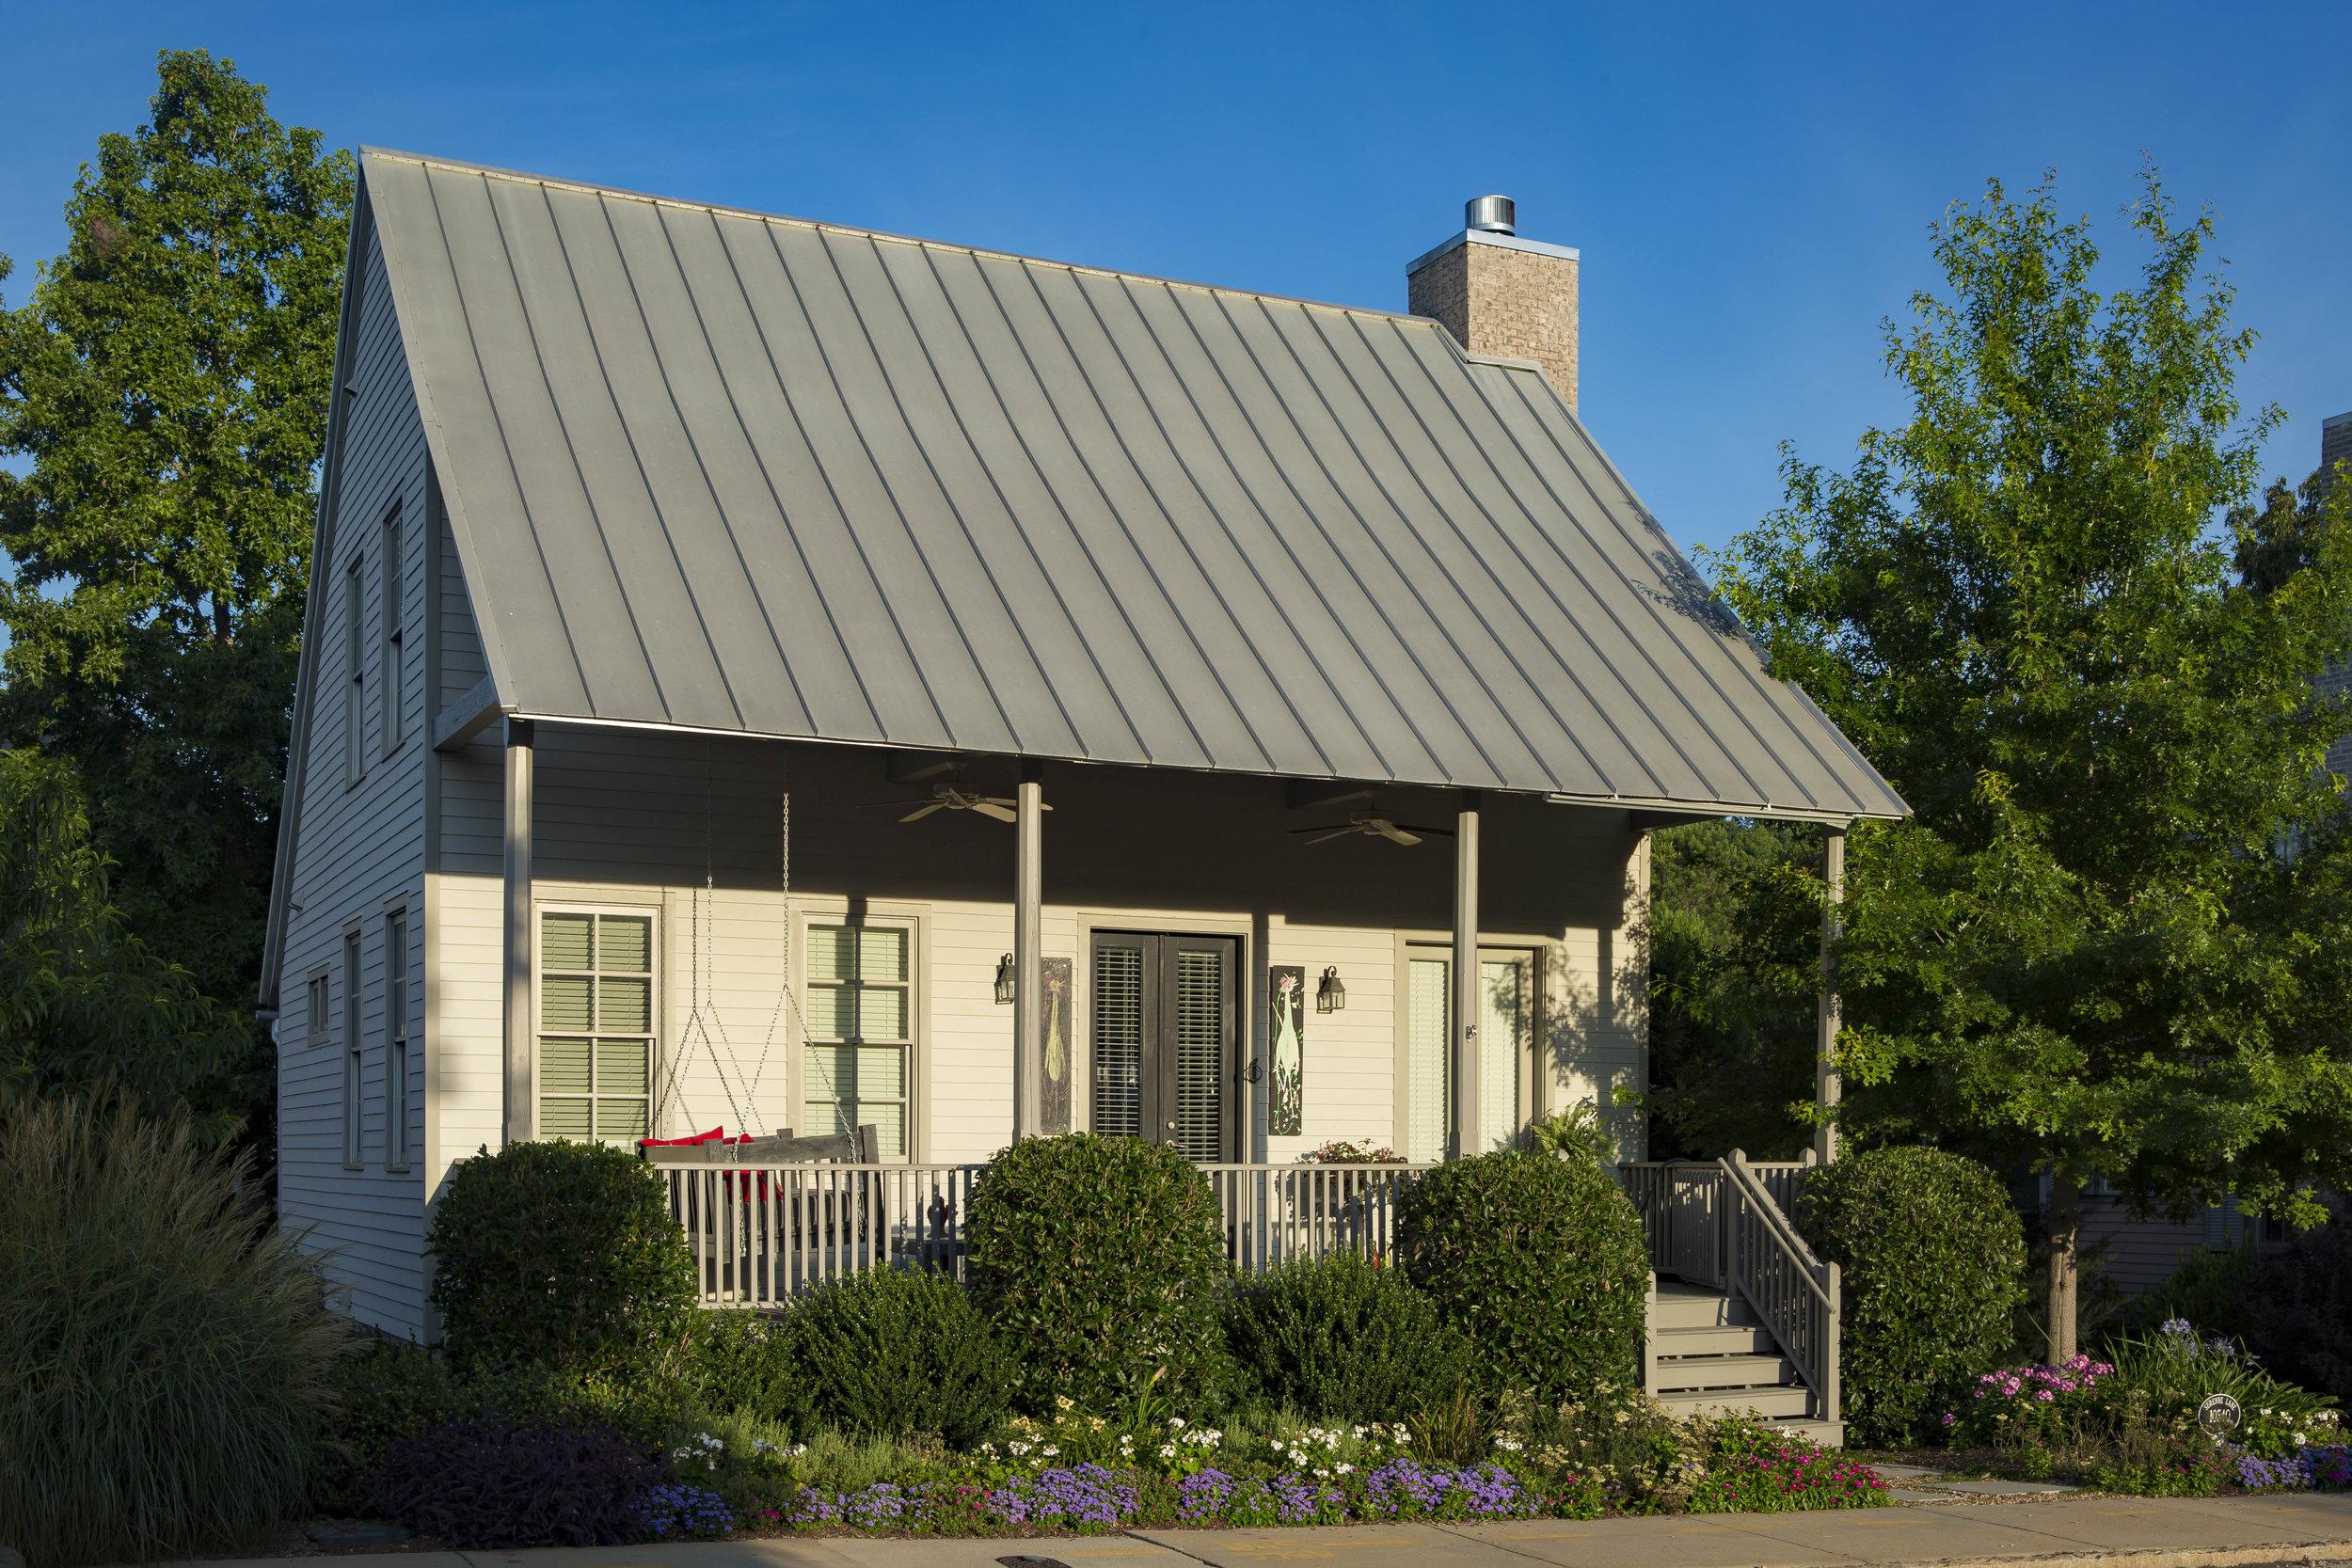 Nest Cottage   2 Beds 2.5 Baths 1,228 SQFT  Serenbe Community  Chattahoochee Hills, GA